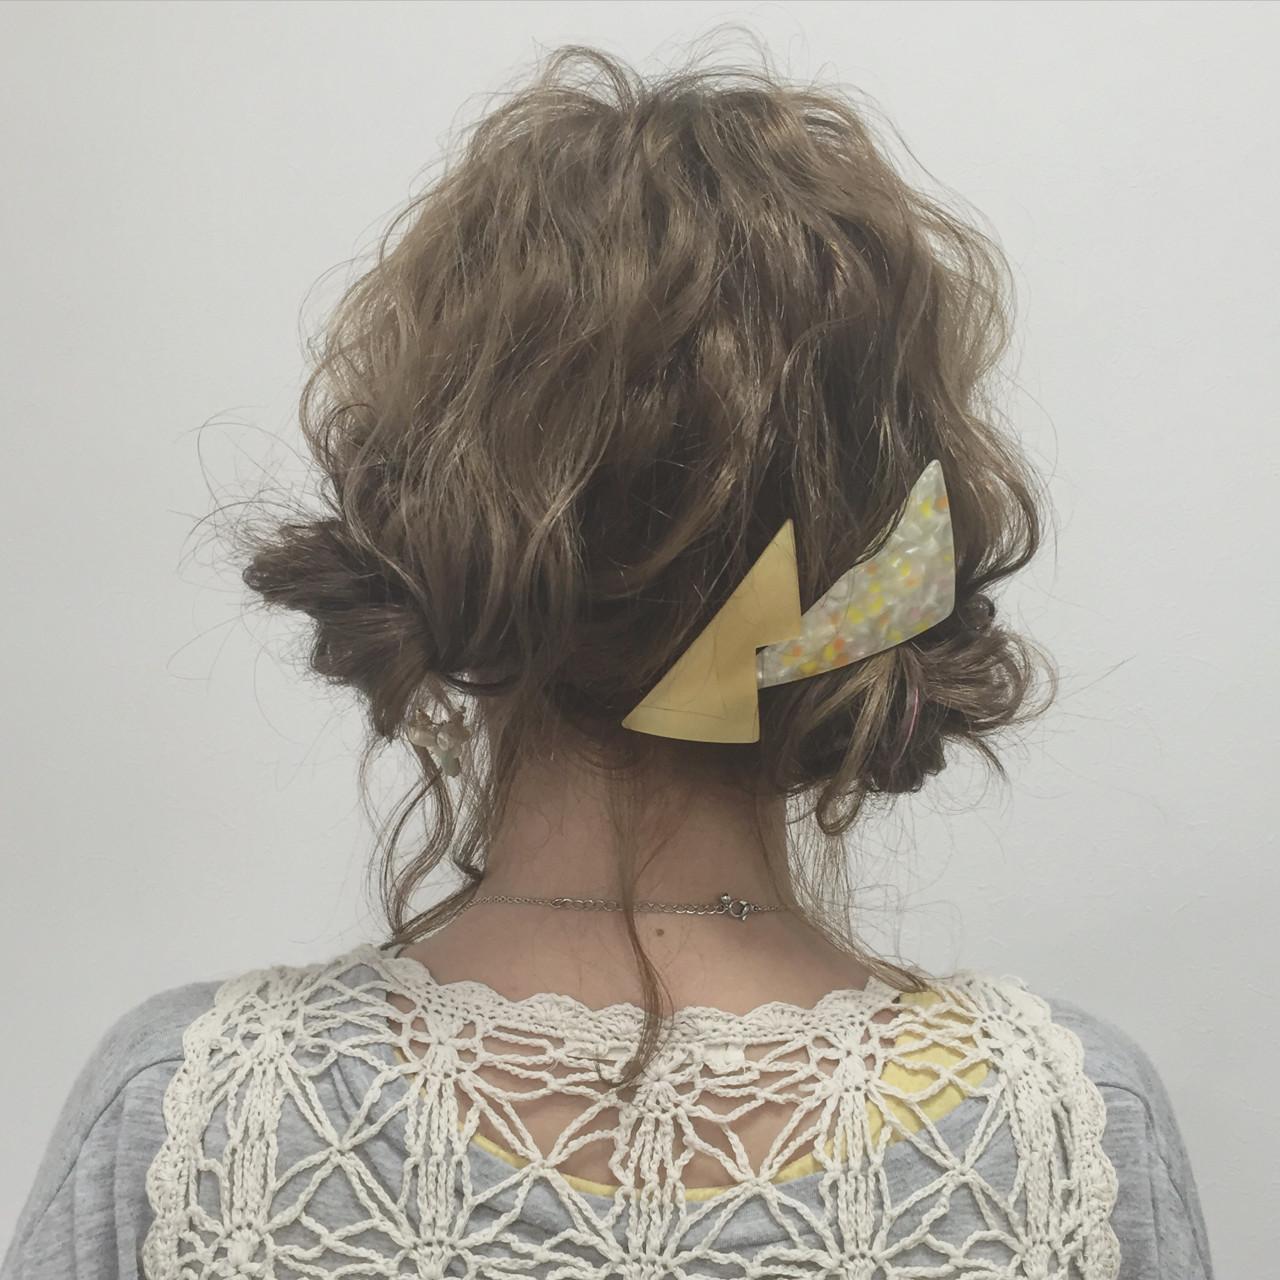 ボブ ショート ゆるふわ お団子 ヘアスタイルや髪型の写真・画像 | 宮田 恵里香 / igloo